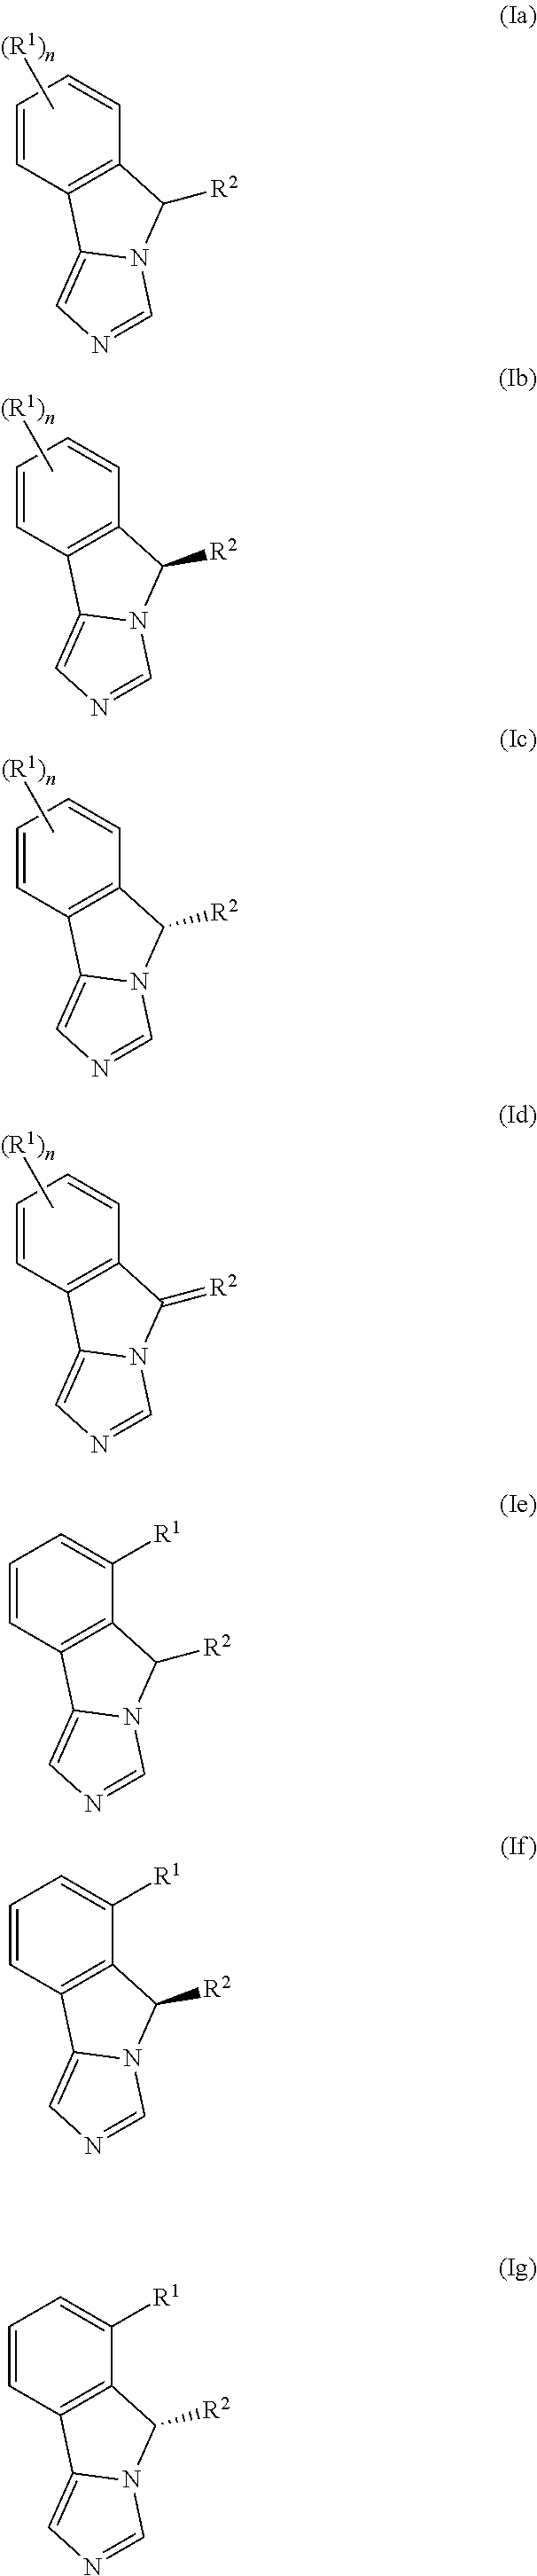 Figure US09260434-20160216-C00004